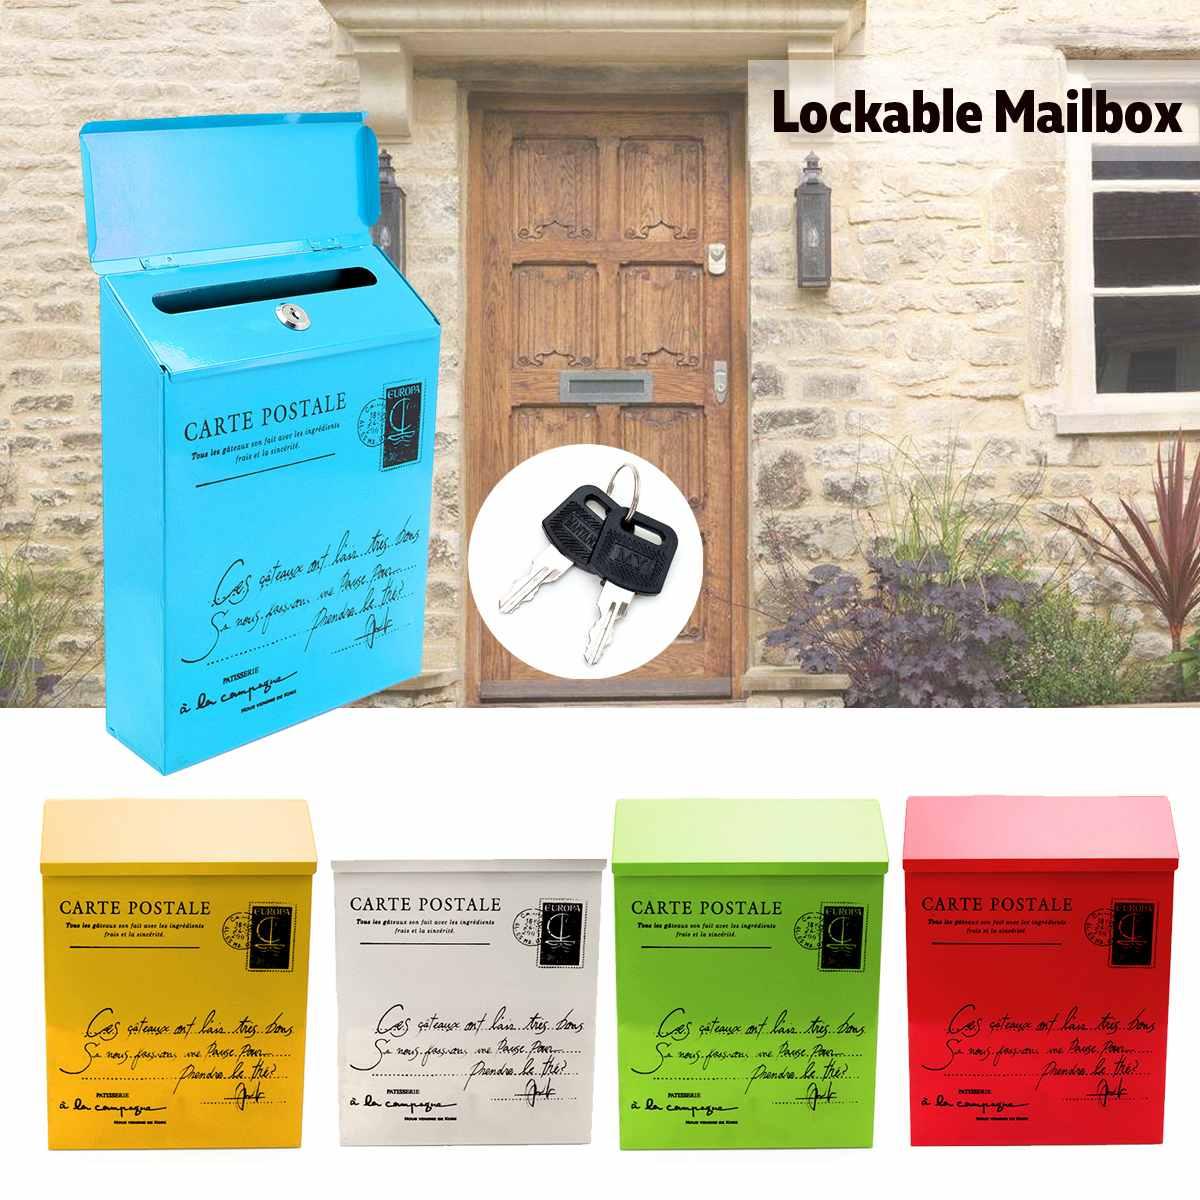 Impermeable al aire libre Post Metal caja de carta buzón montado en la pared con cerradura 2 llaves casilla de correo